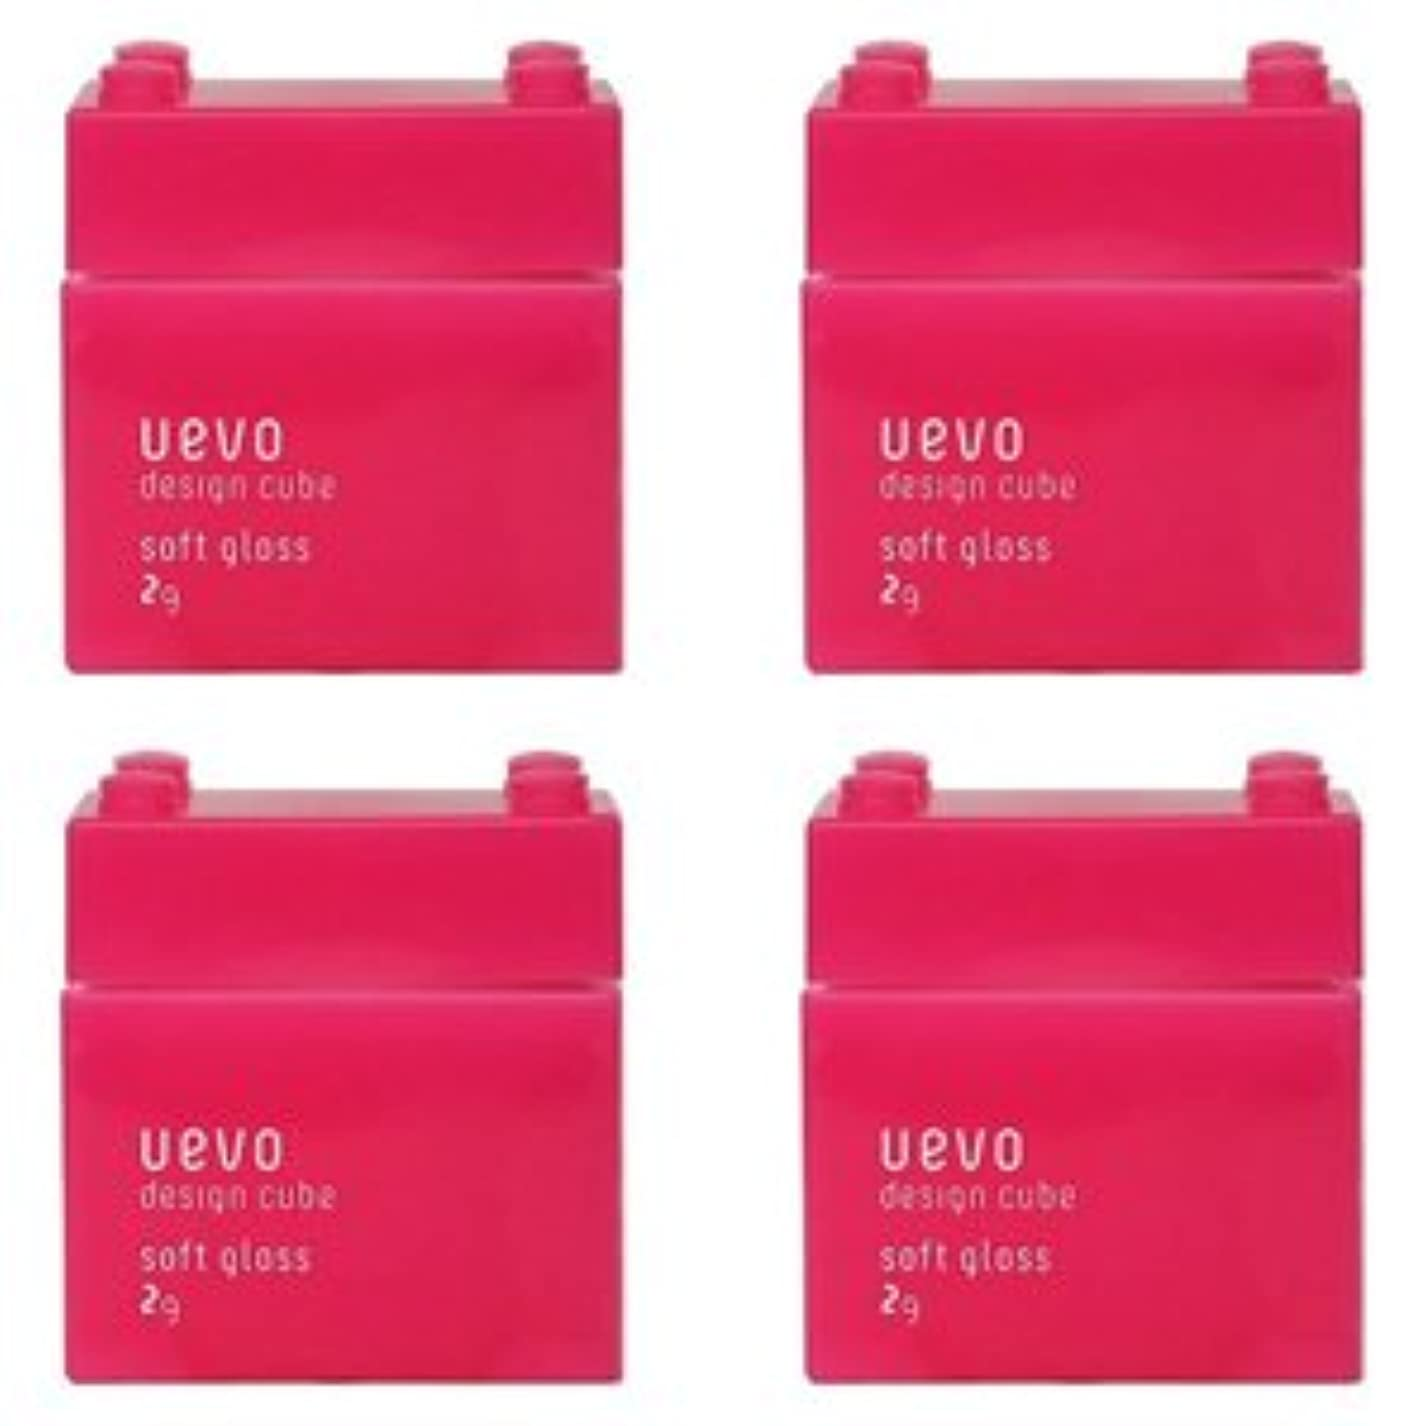 通信網暴徒わざわざ【X4個セット】 デミ ウェーボ デザインキューブ ソフトグロス 80g soft gloss DEMI uevo design cube